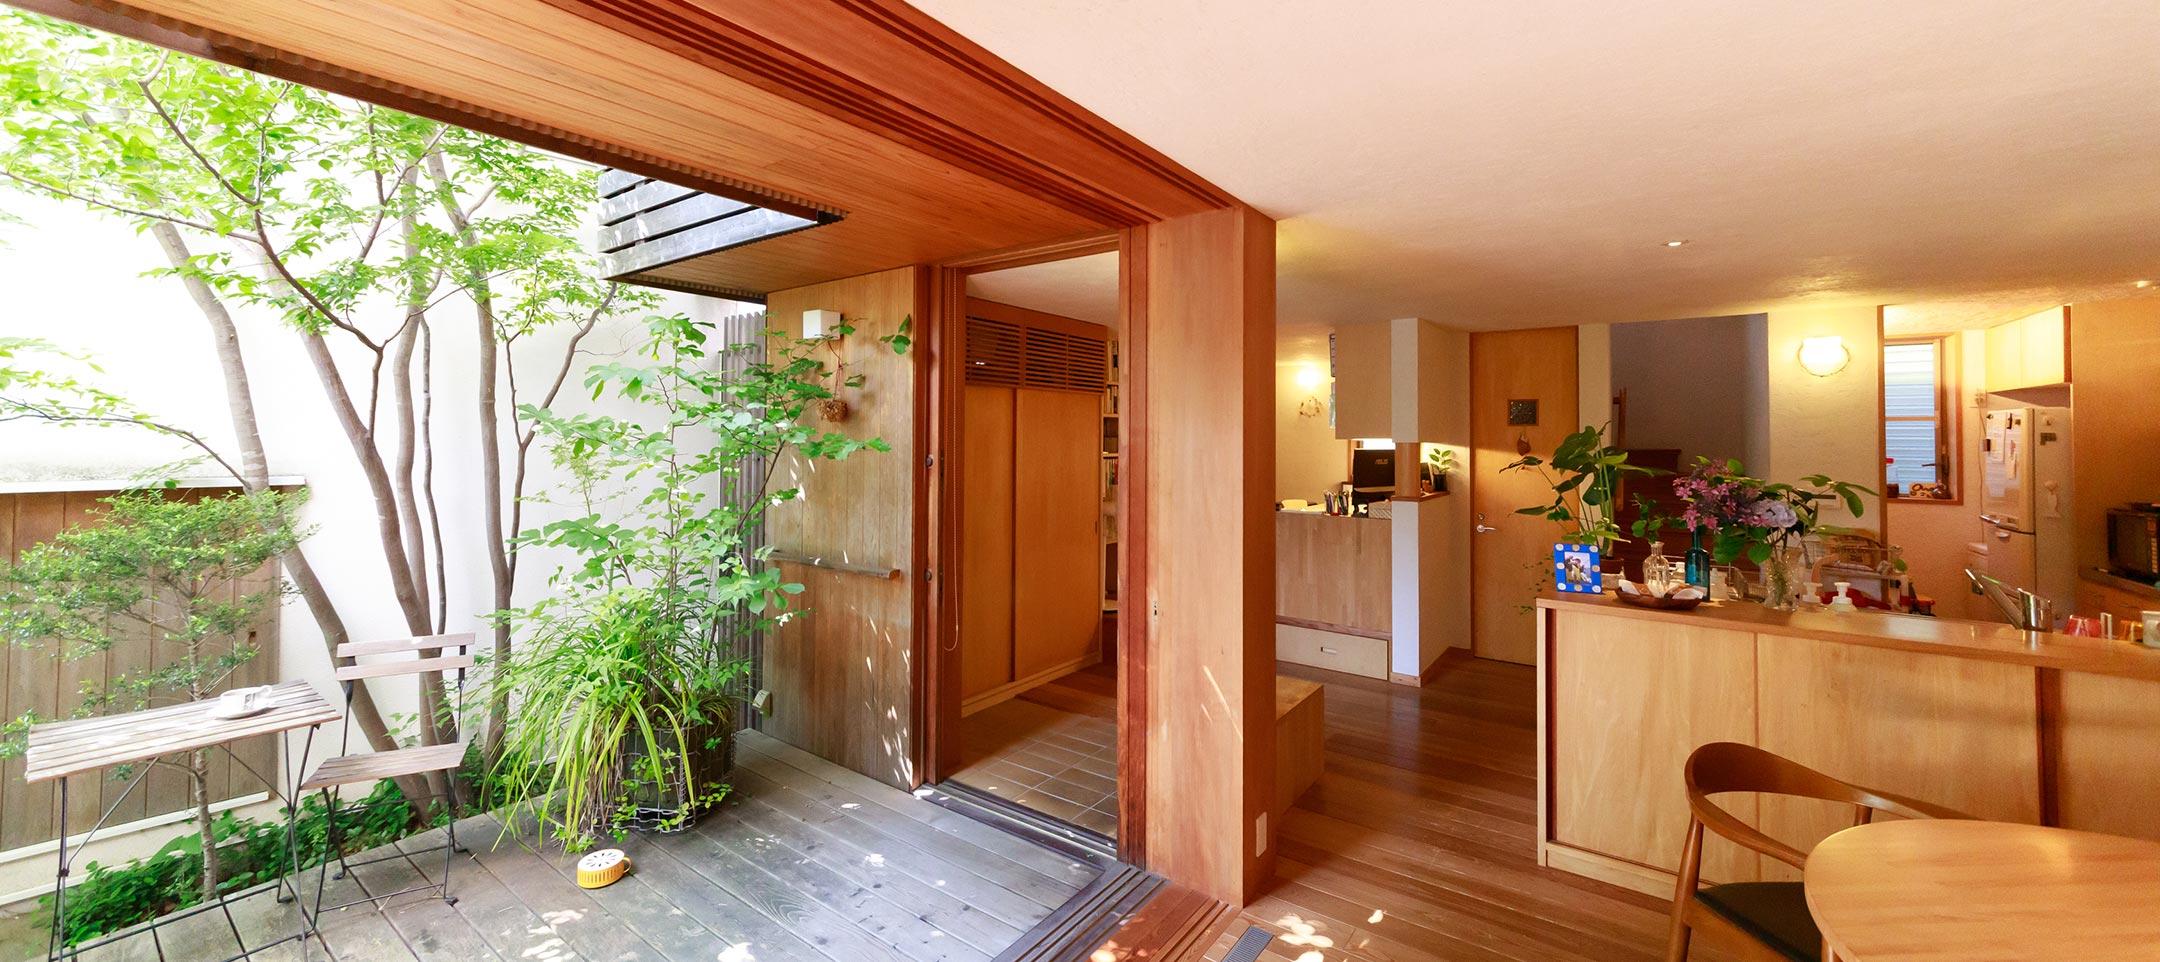 建築家の自邸 | 100%LiFE